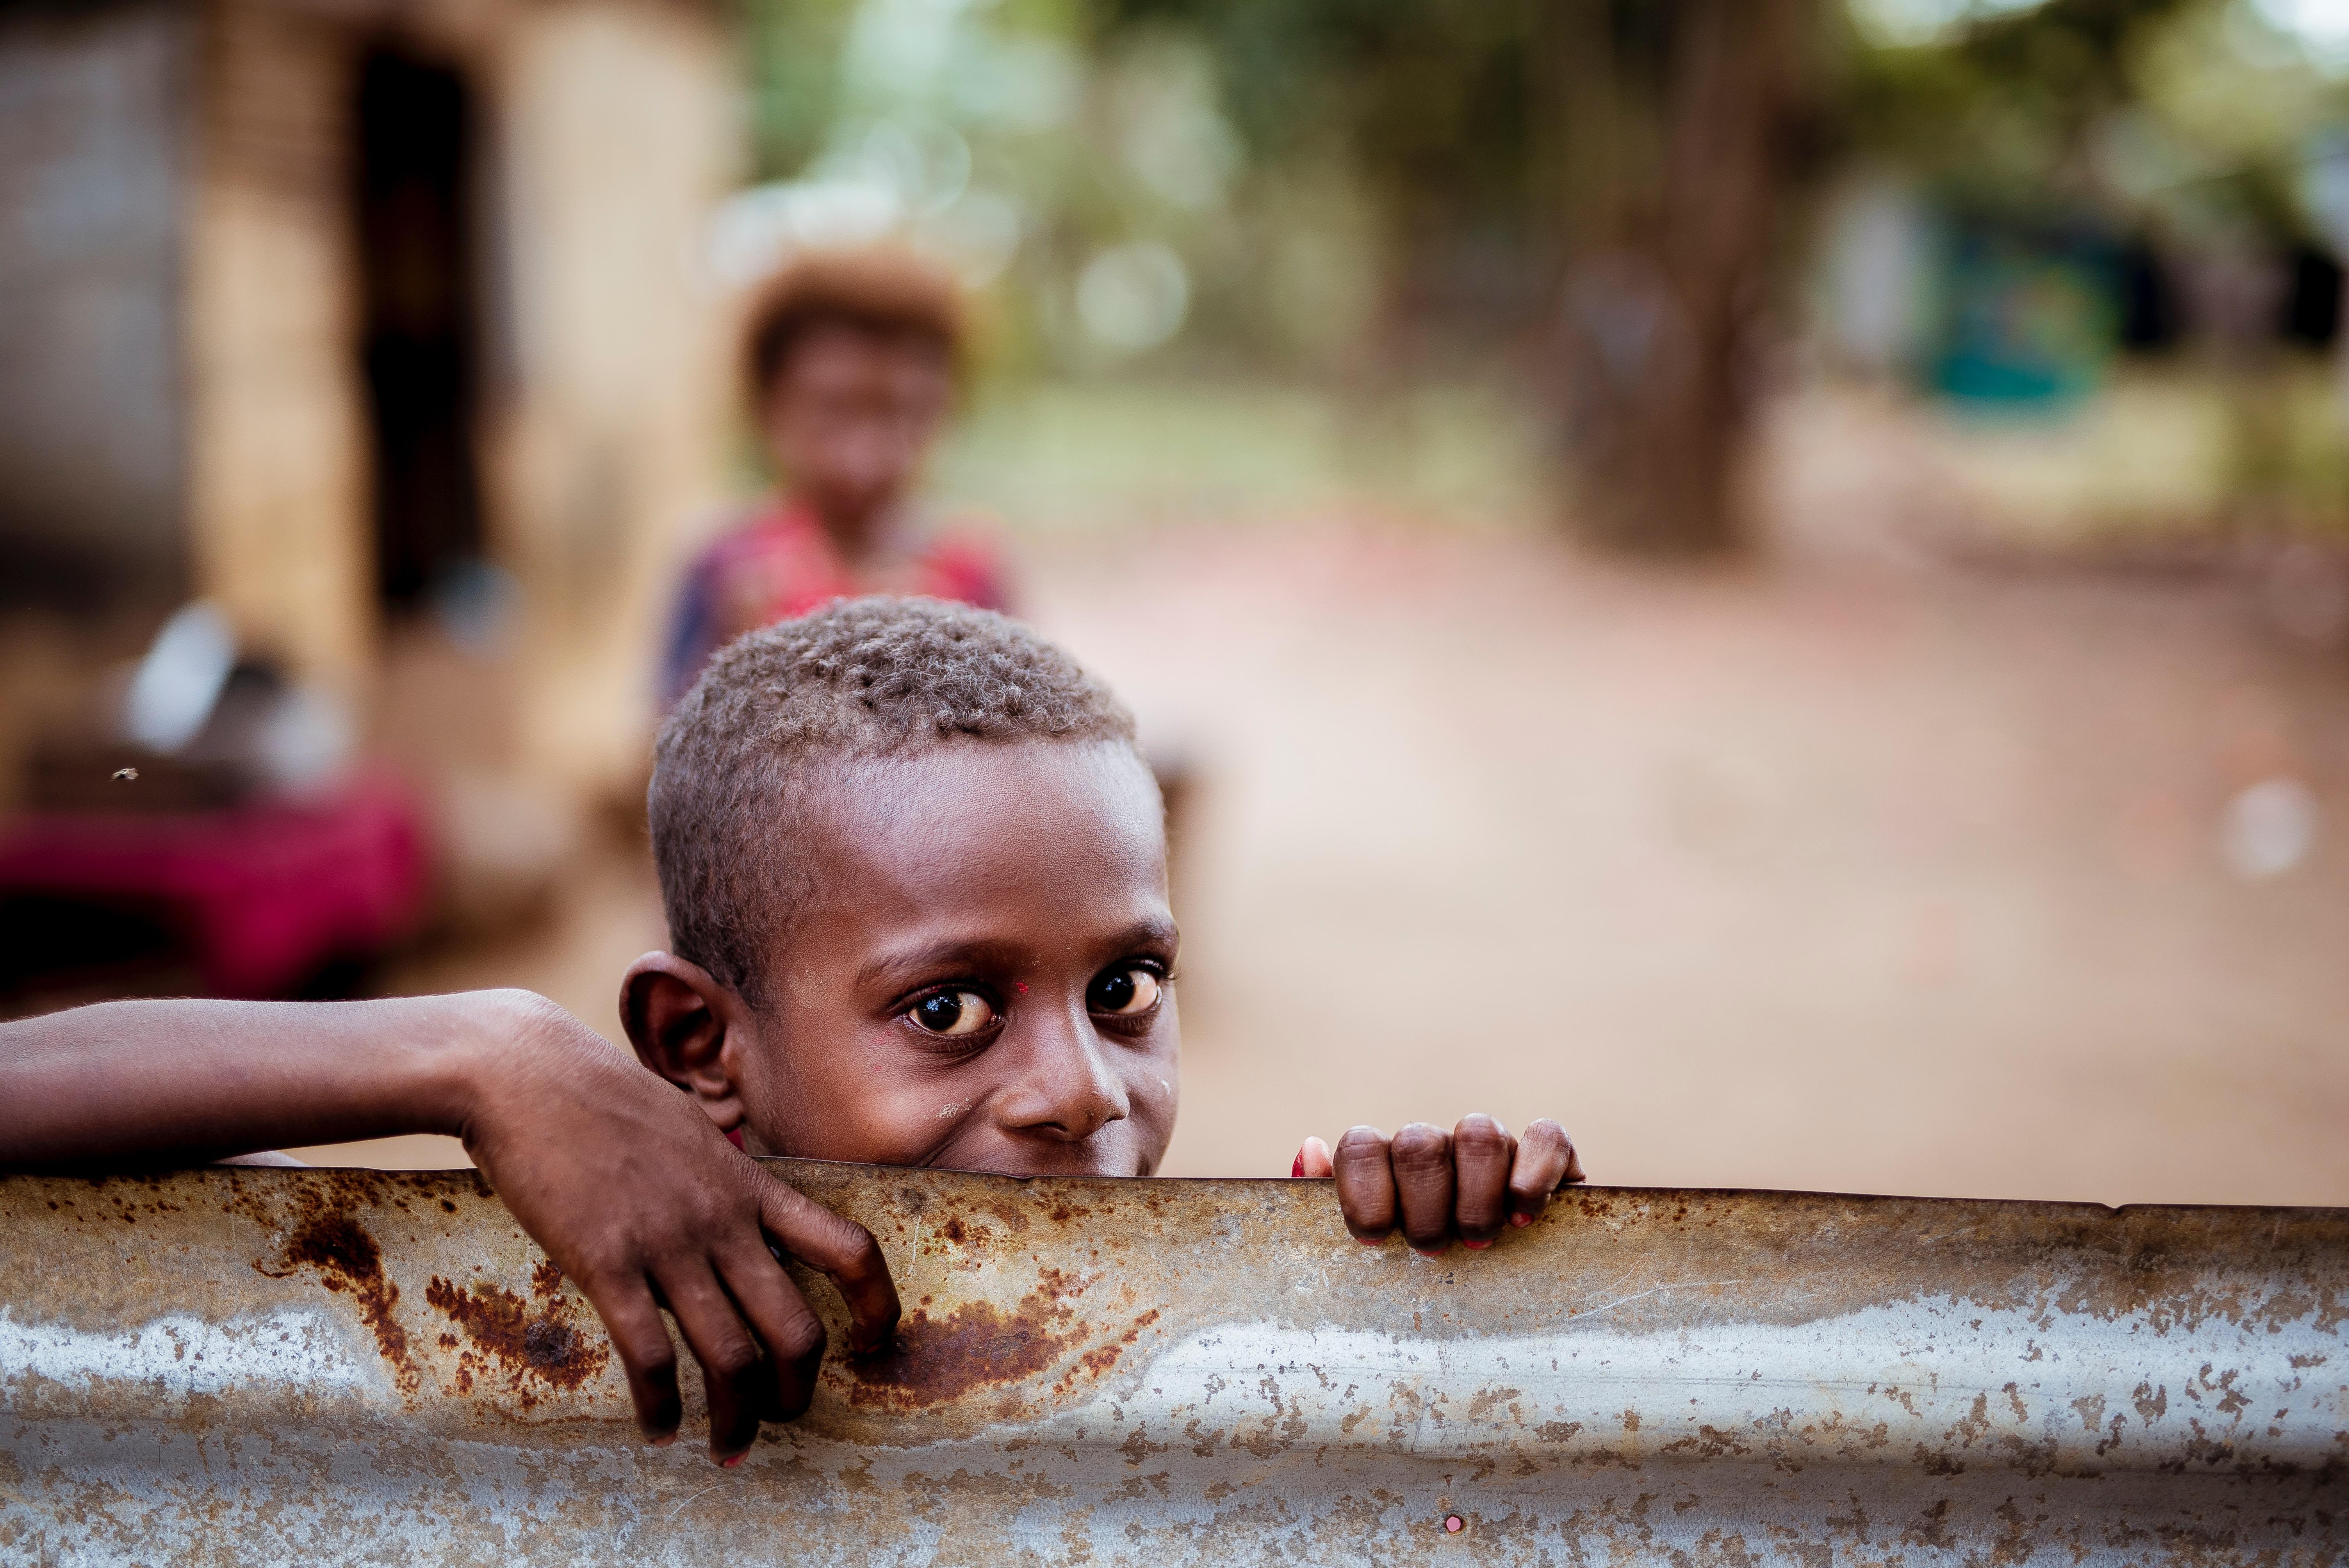 ulandsfrivillig afrika